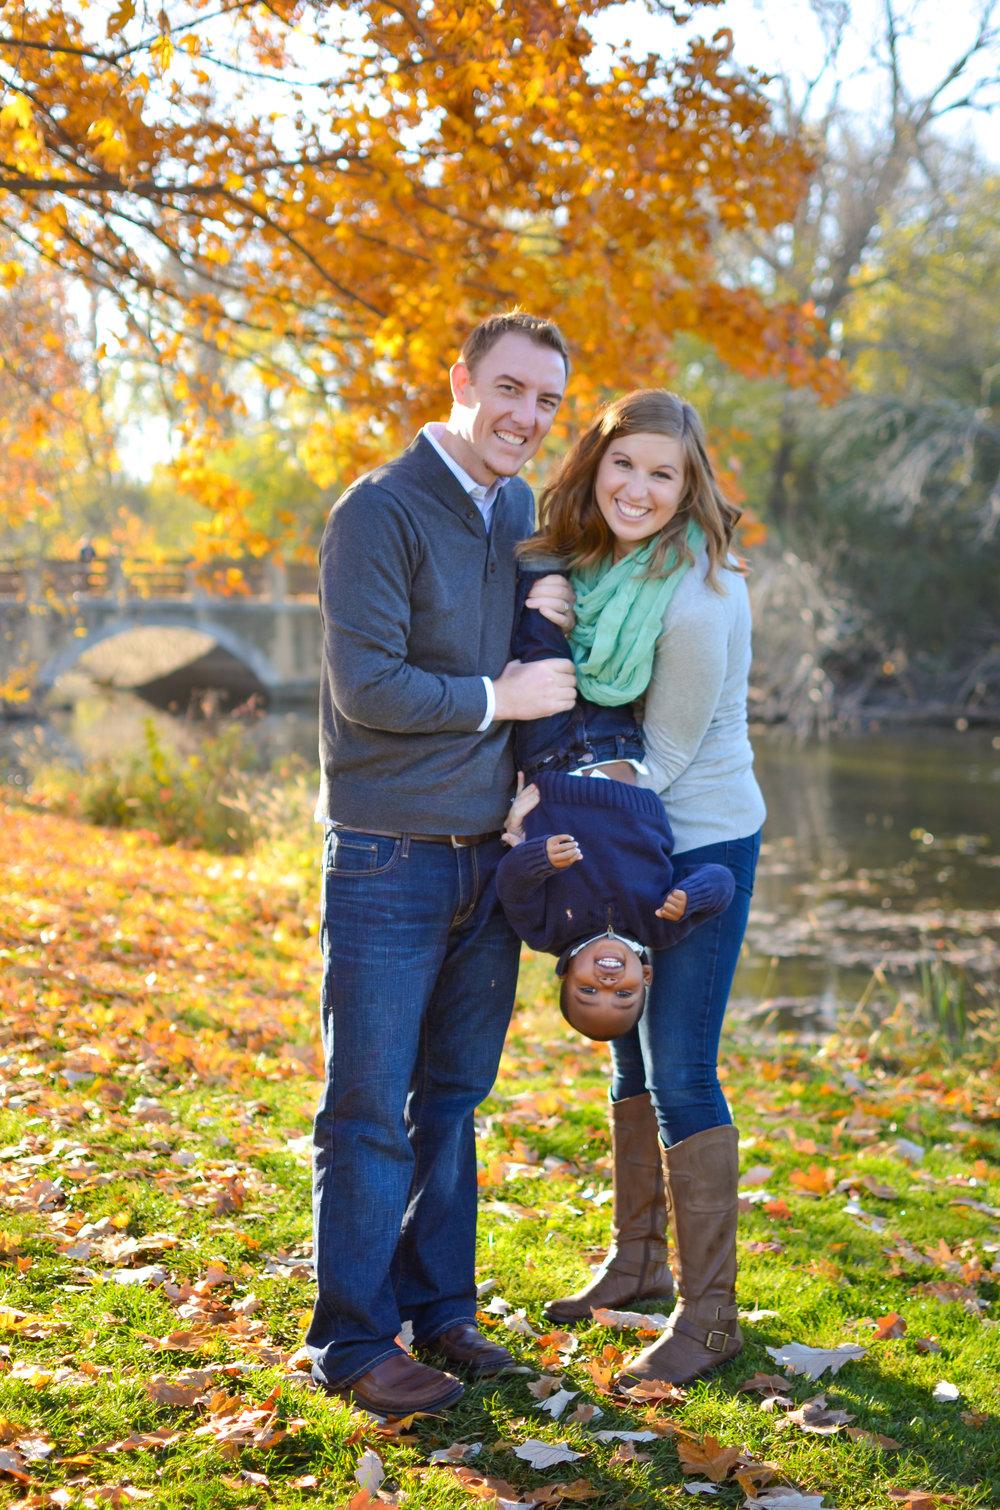 JuliaMatthewsPhotography_MadisonWisconsinFamilyPhotography_Families-15.jpg